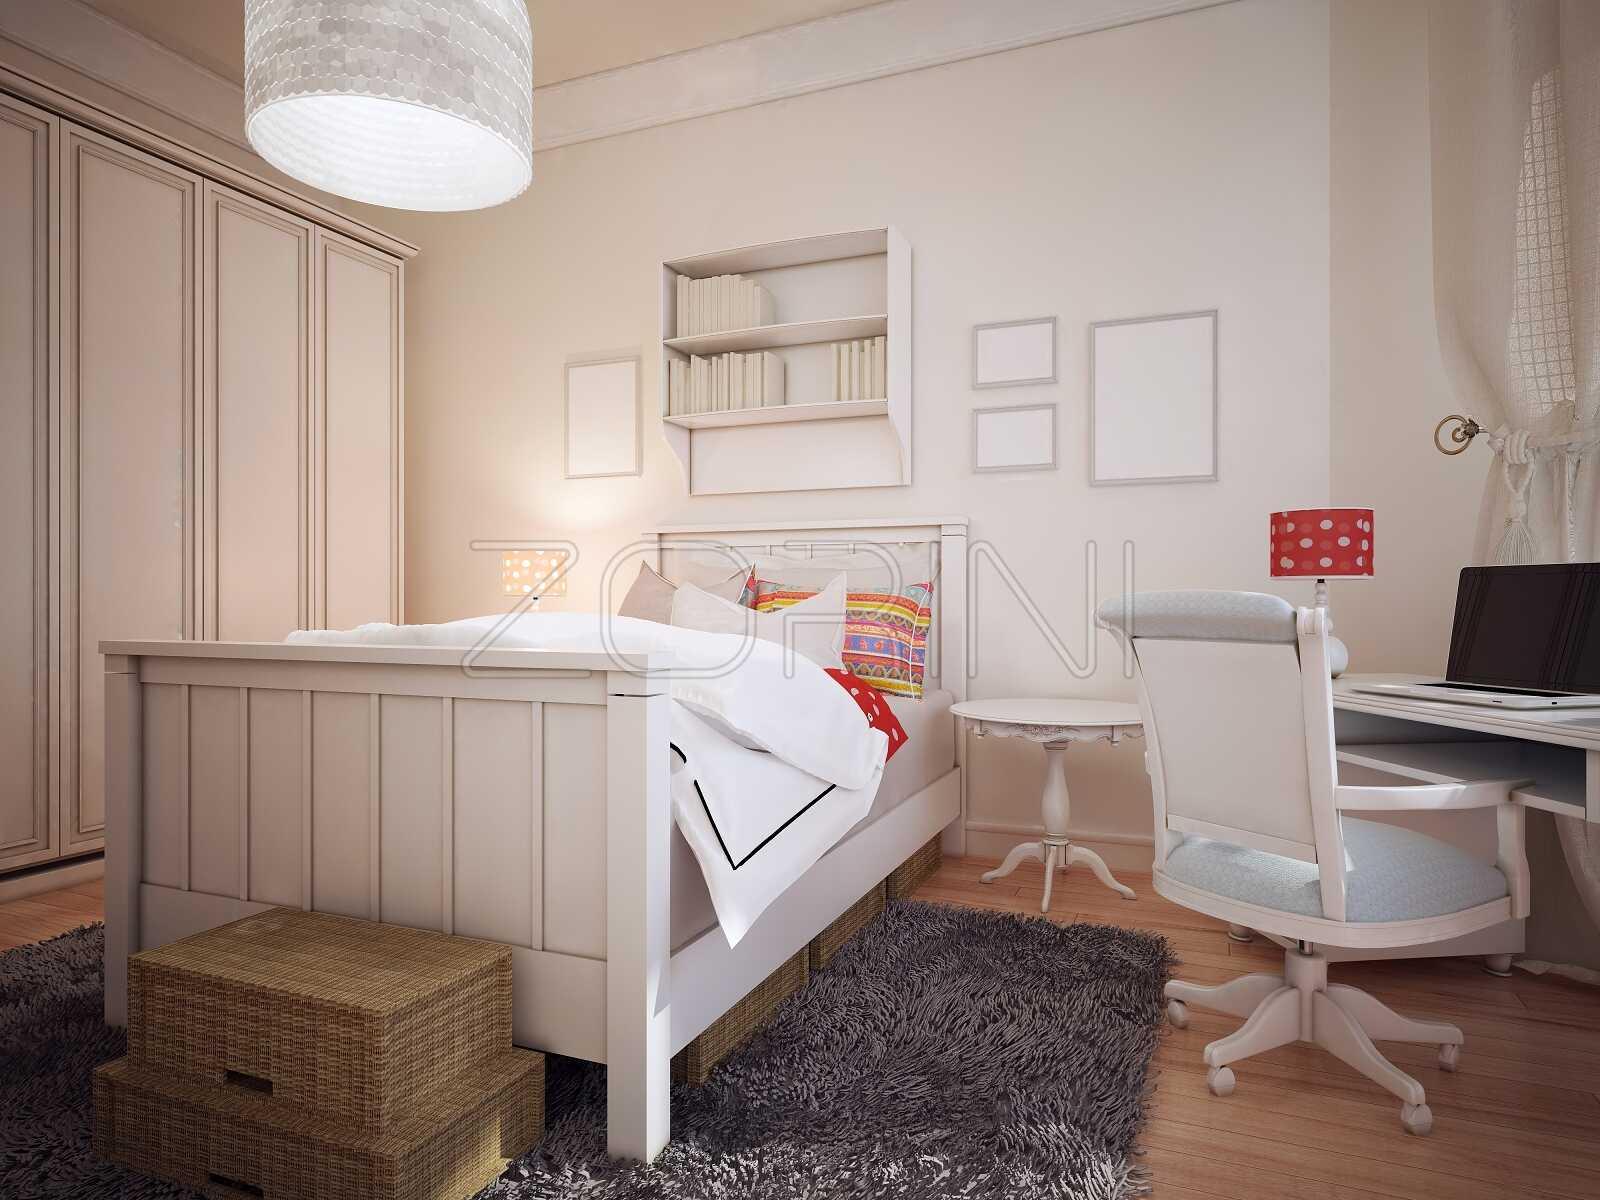 Кровать для детей Алеша - фото